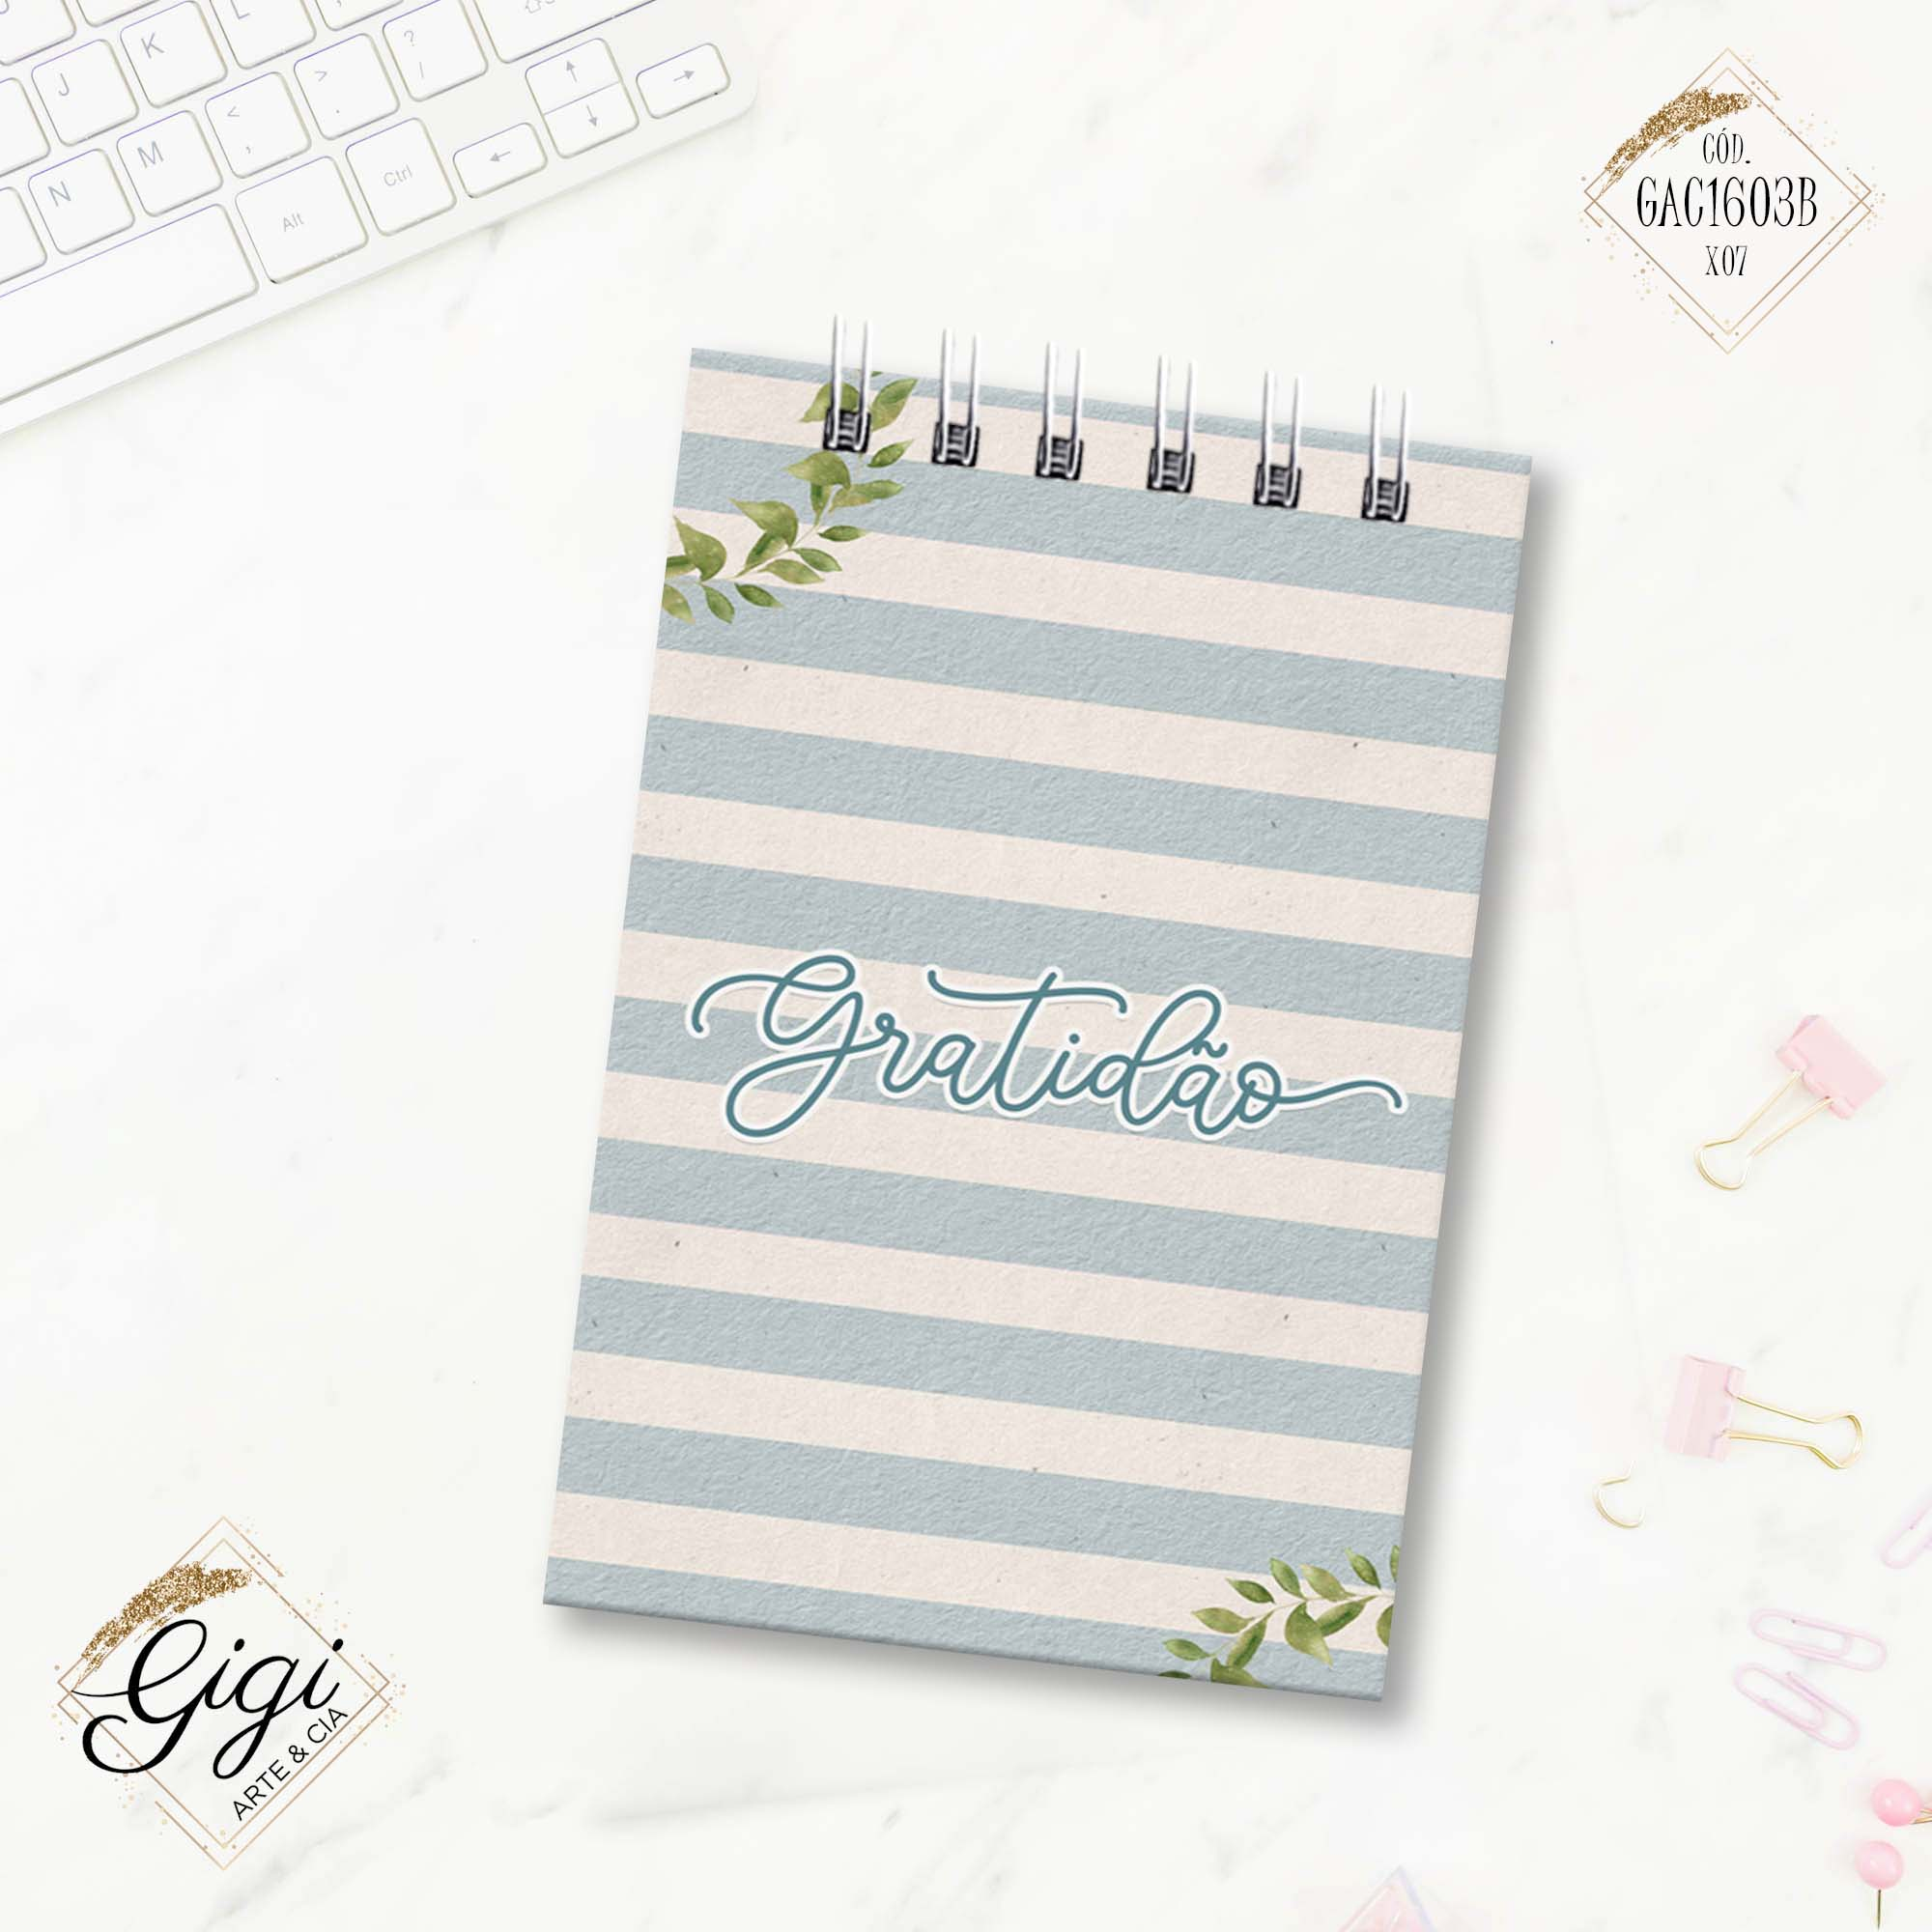 Bloco To Do List - Tropical  - Gigi Arte e Cia